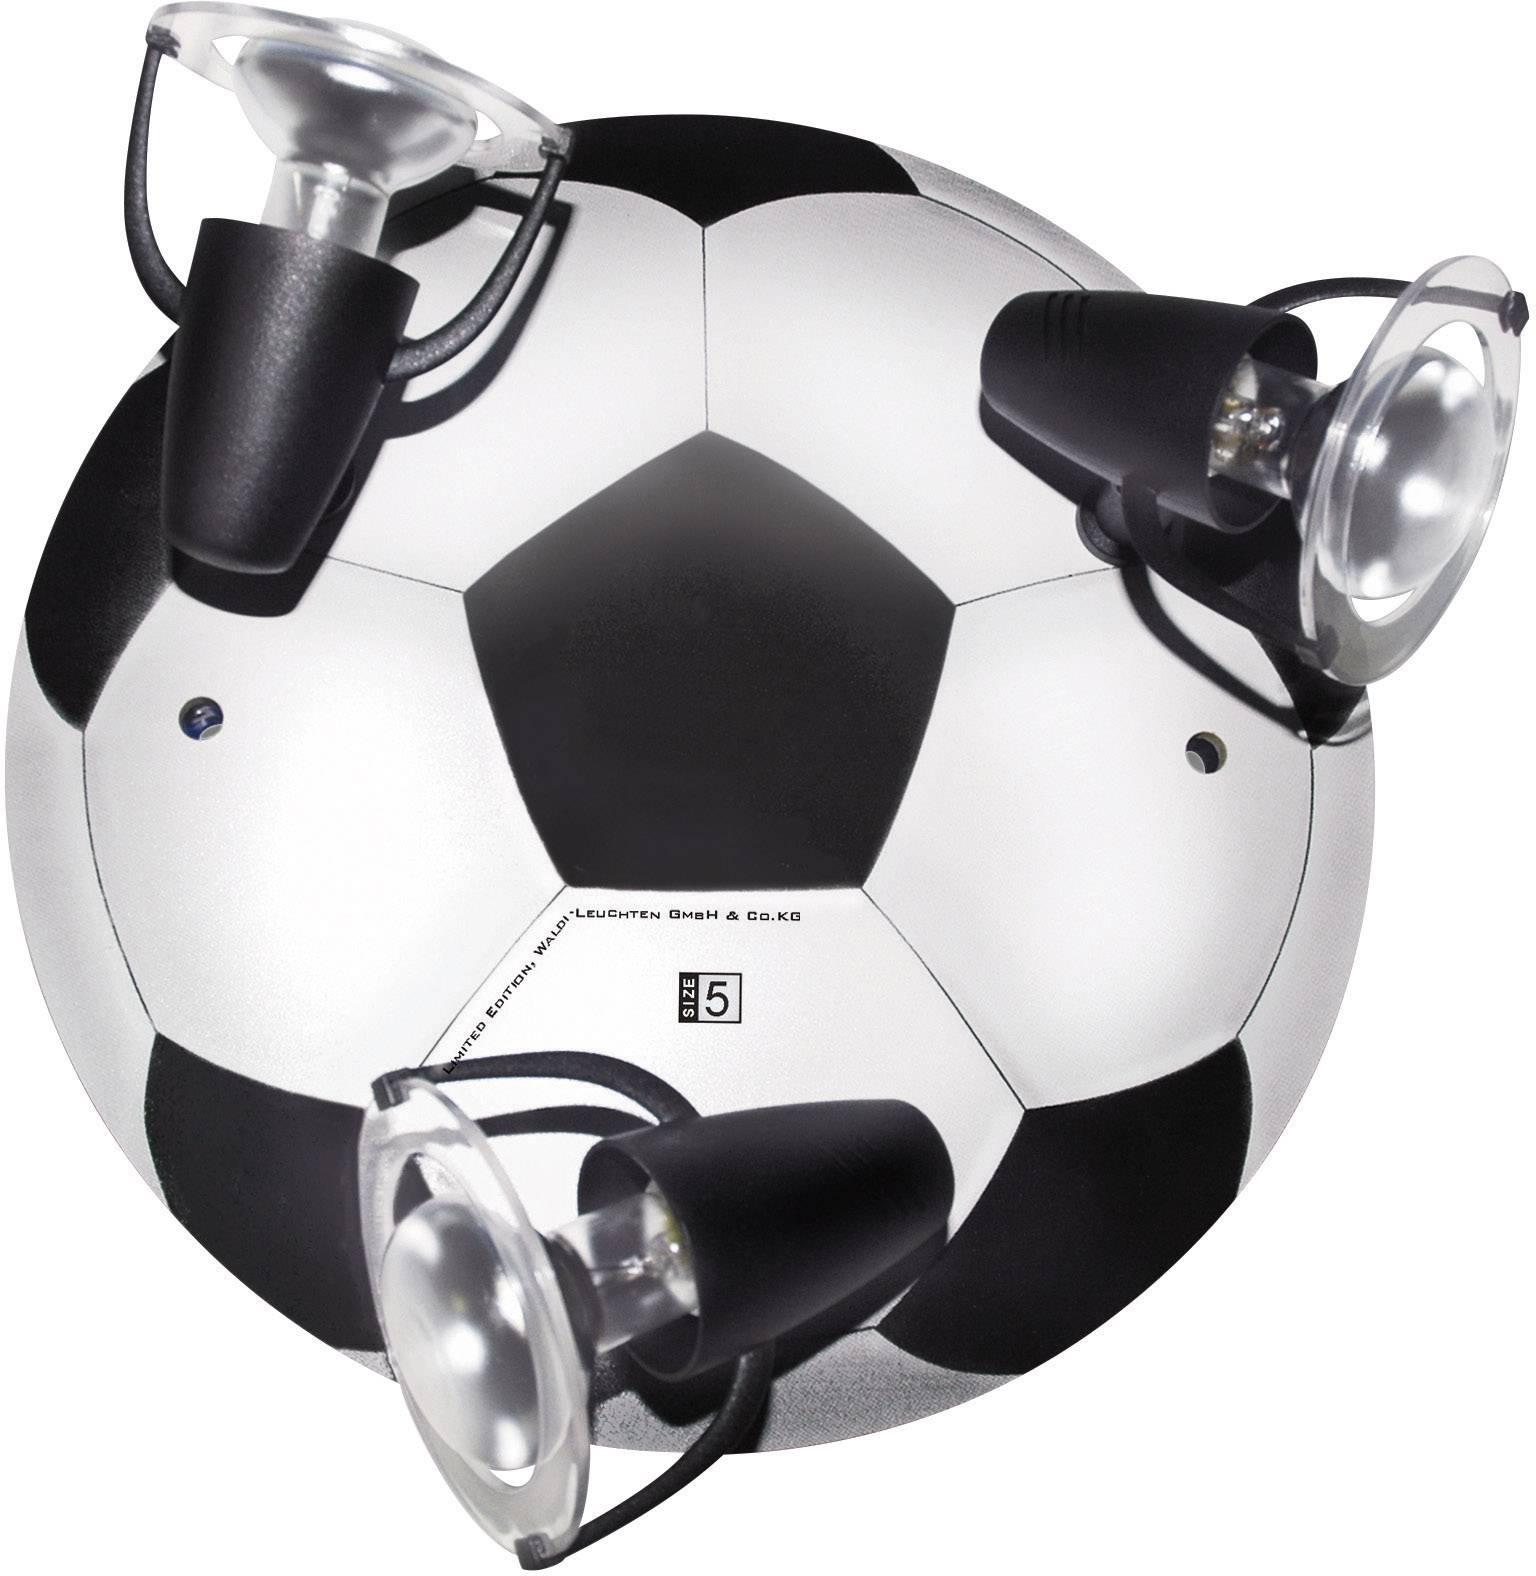 Stropní lampa fotbalový míč Waldi Leuchten 27403, E14, 27 W, černobílá